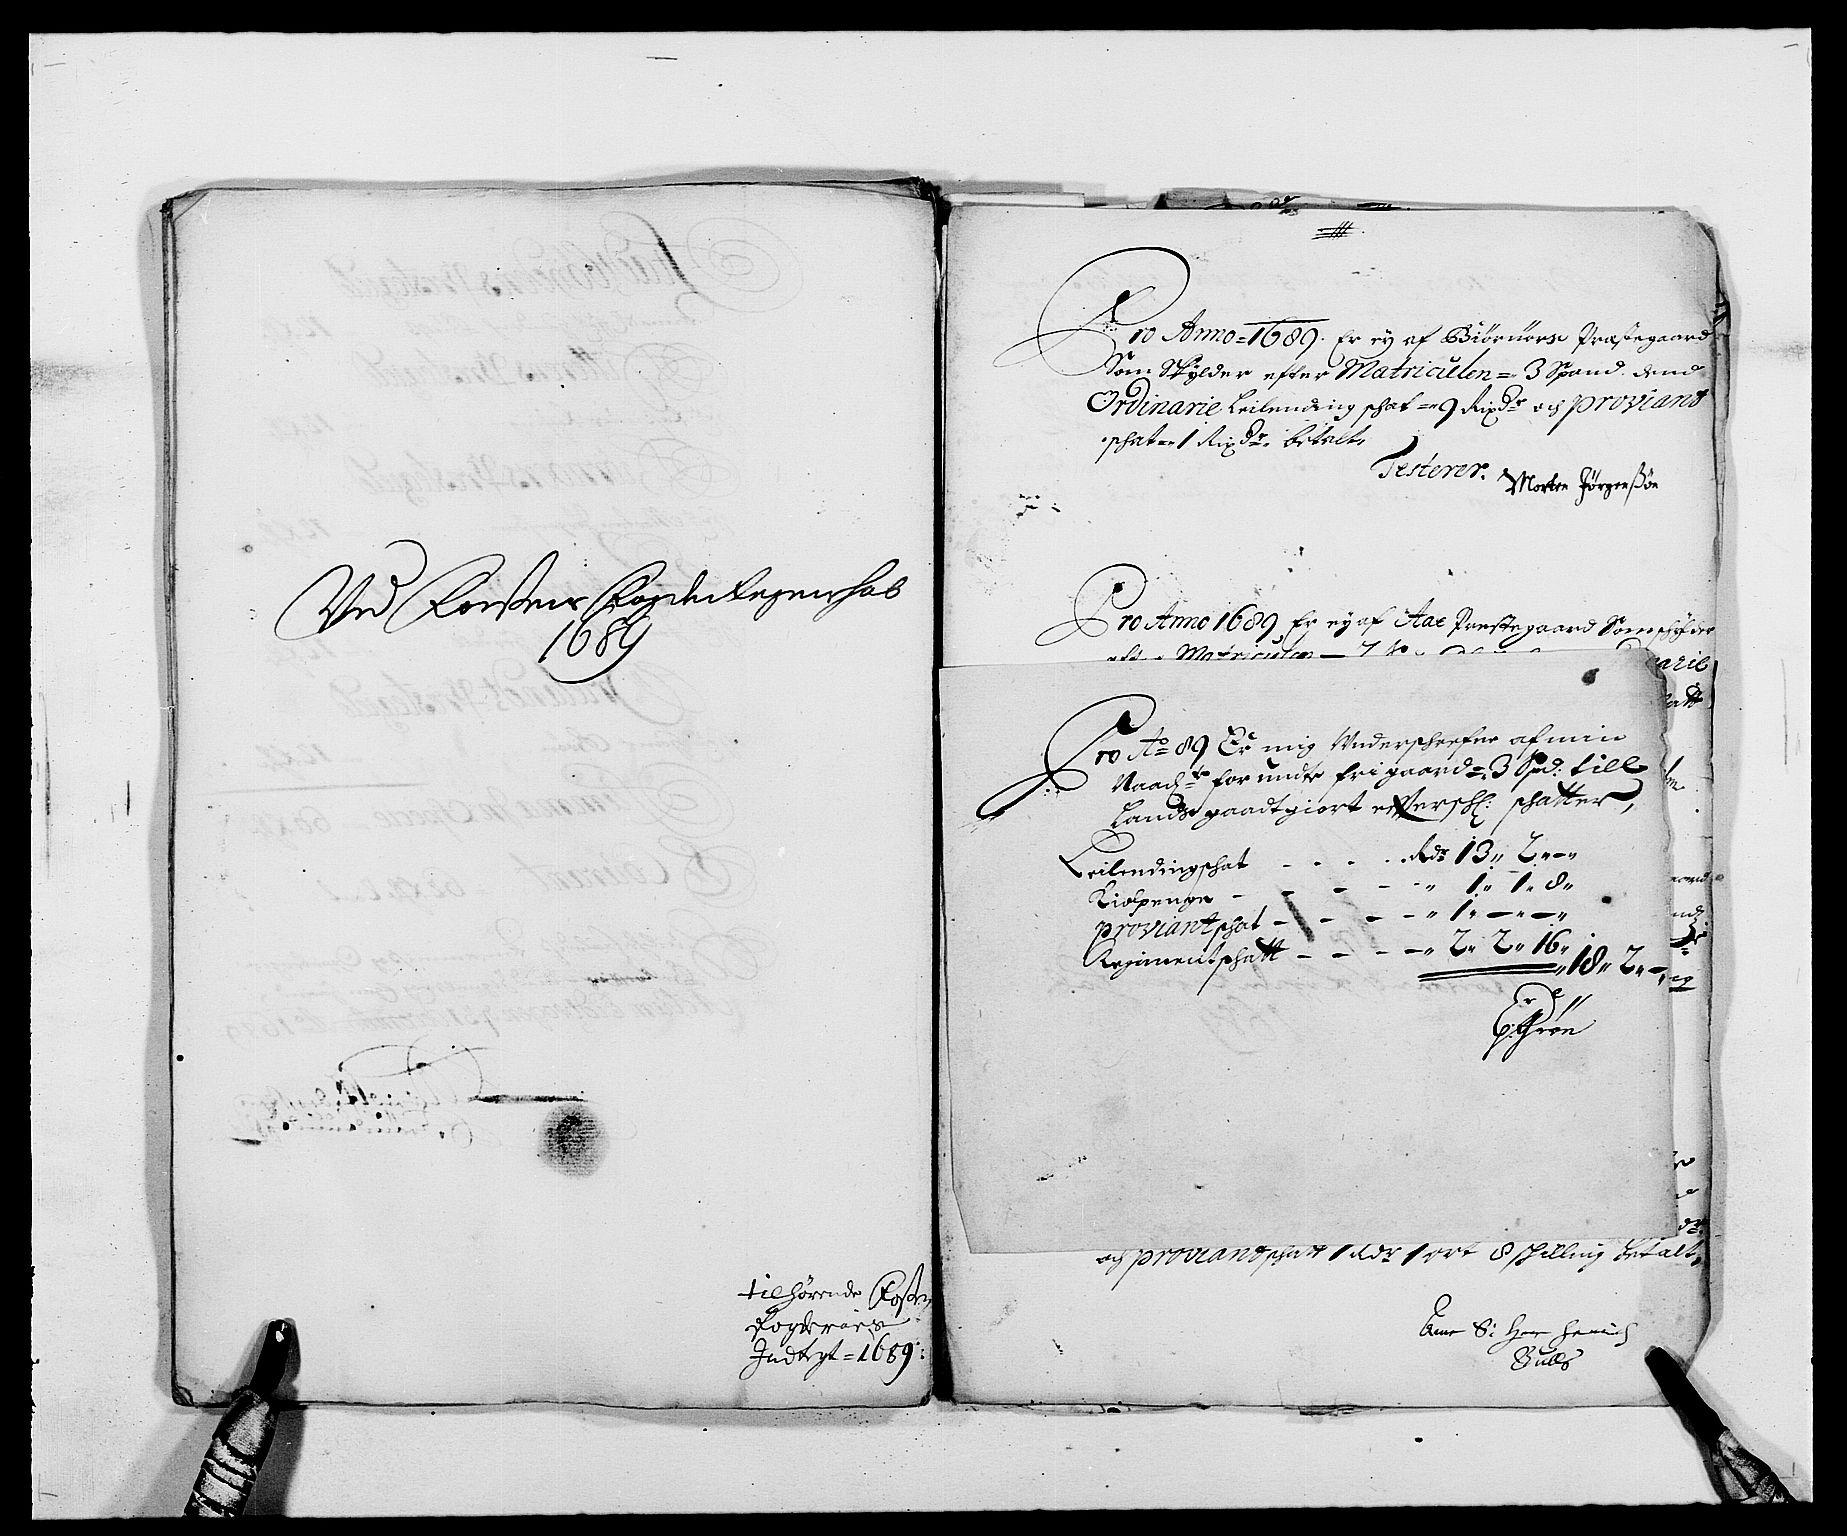 RA, Rentekammeret inntil 1814, Reviderte regnskaper, Fogderegnskap, R57/L3847: Fogderegnskap Fosen, 1689, s. 140